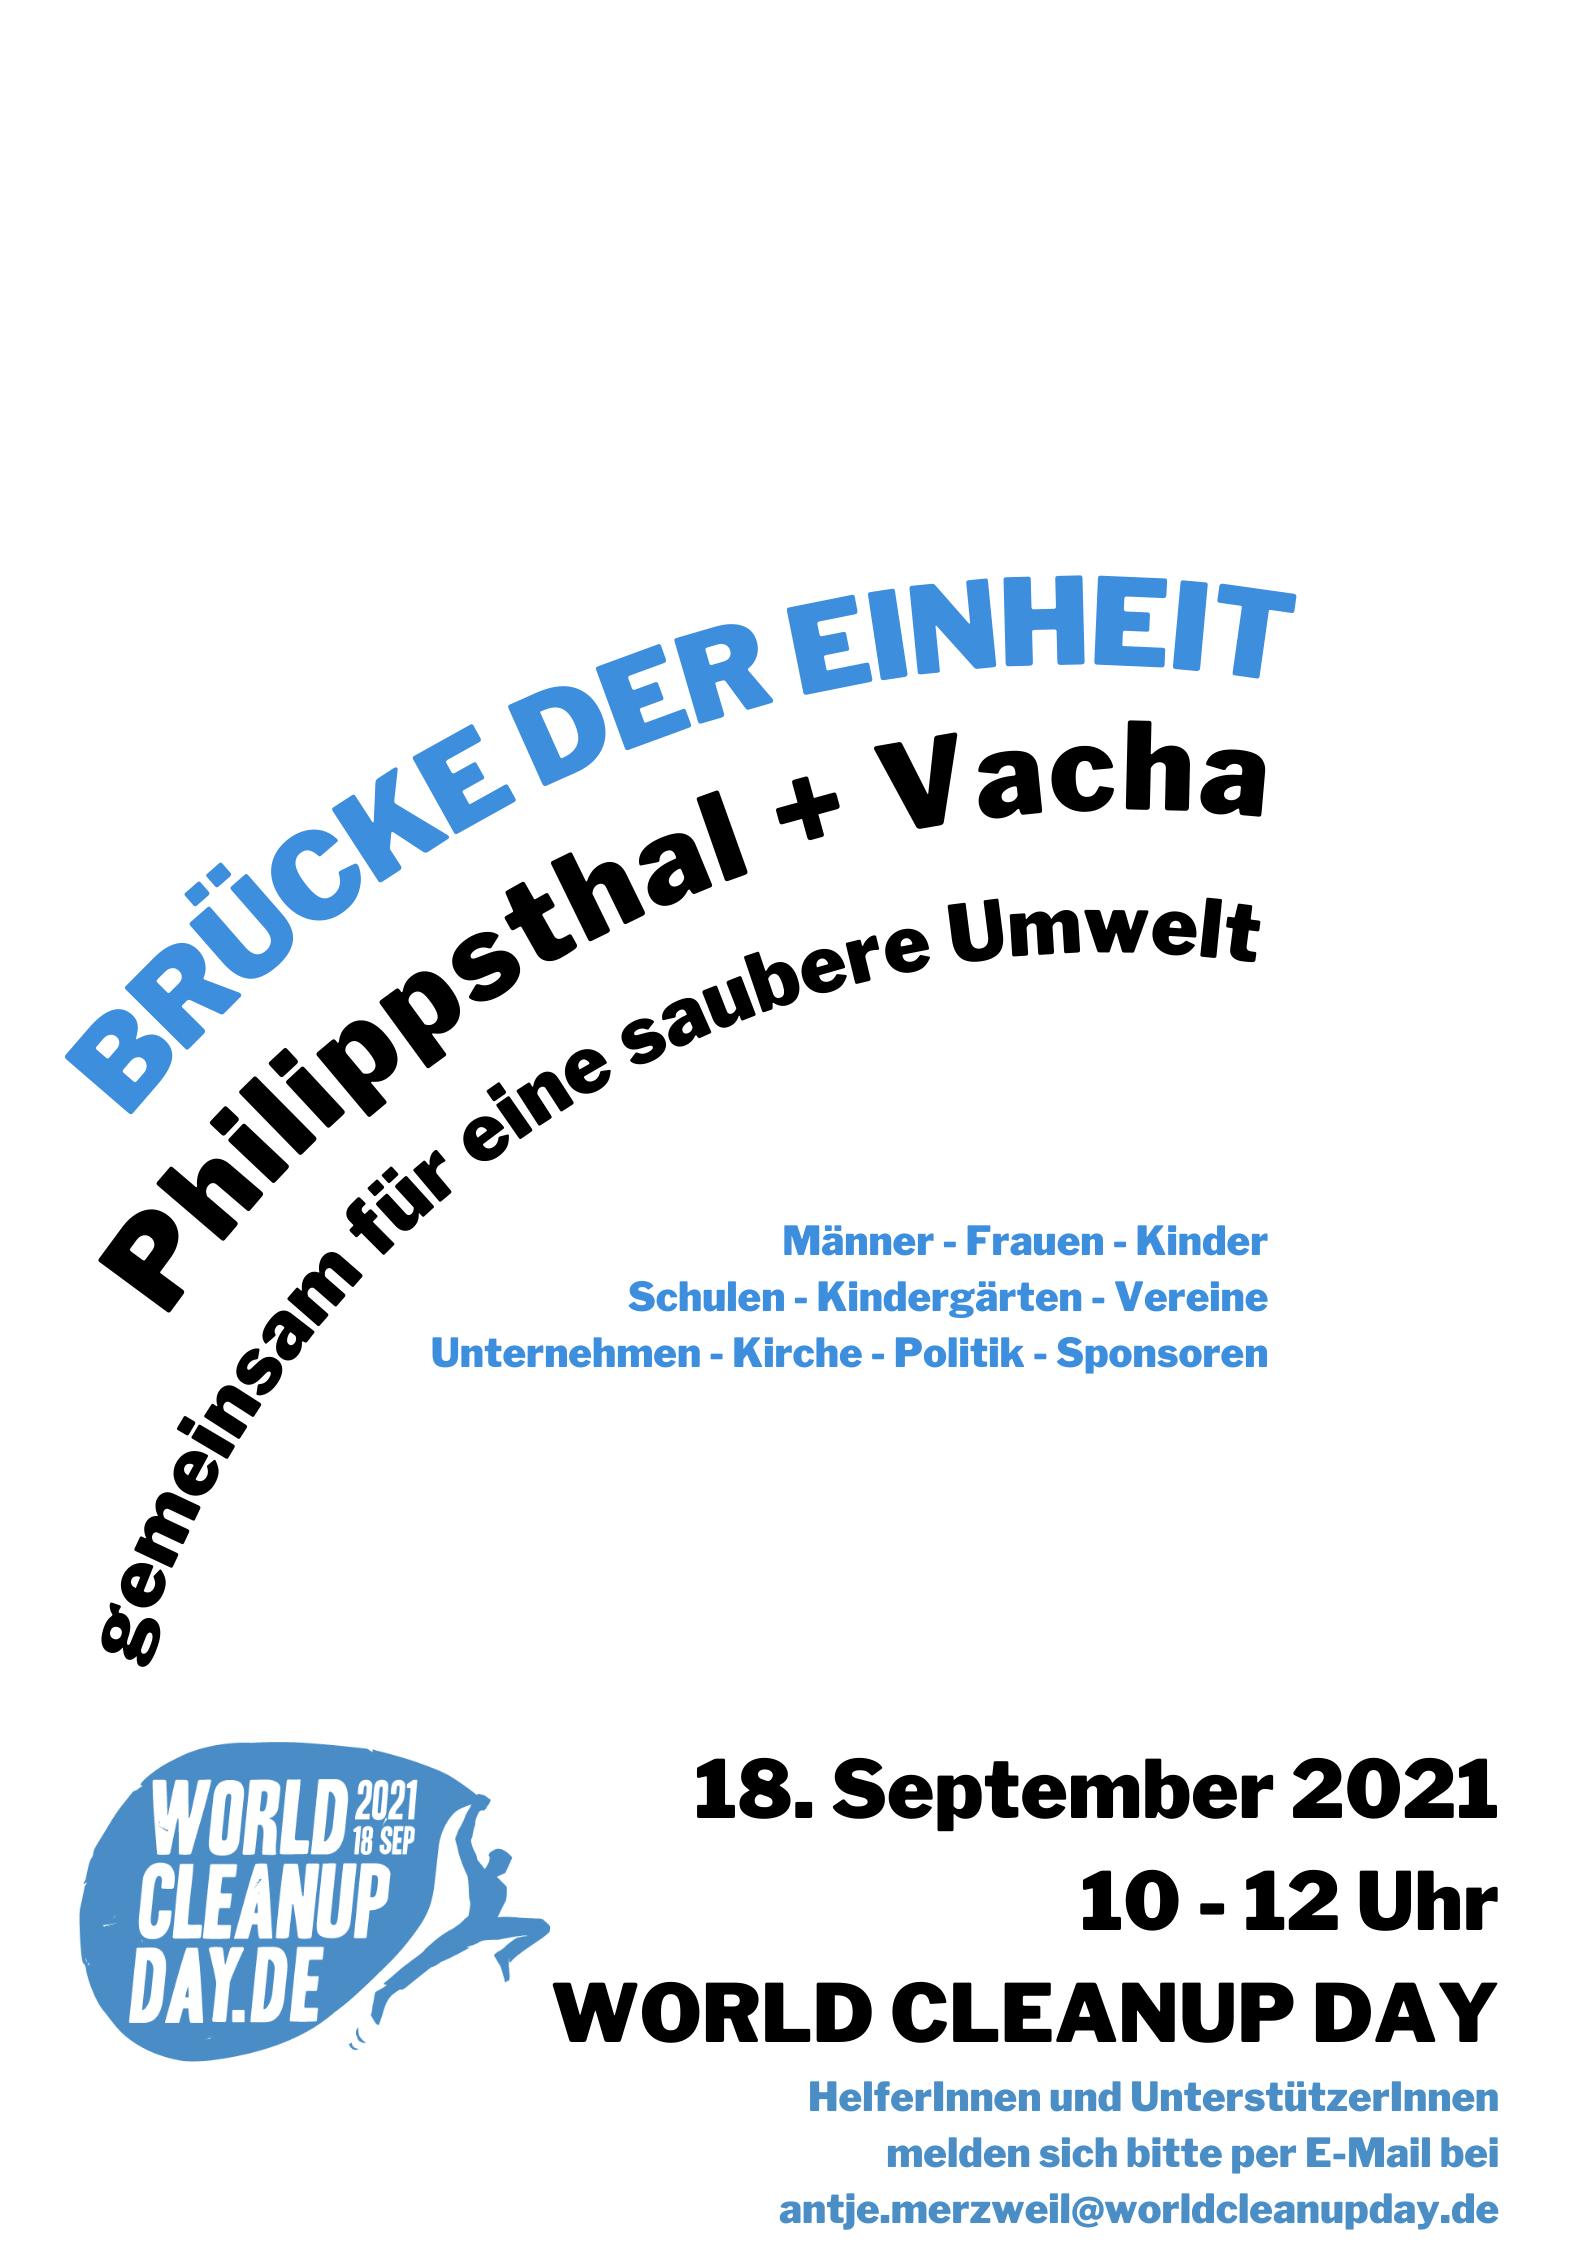 Brücke der Einheit - Gemeinsam für eine saubere Umwelt - Philippsthal (Hessen) und Vacha (Thüringen)